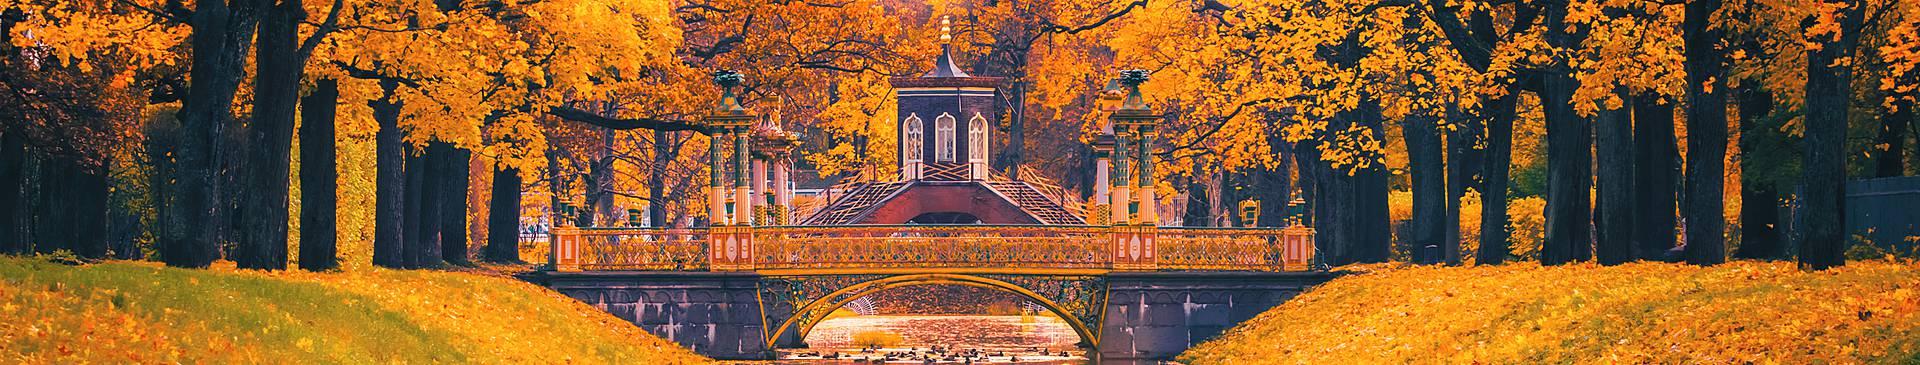 Viaggi in Russia in autunno